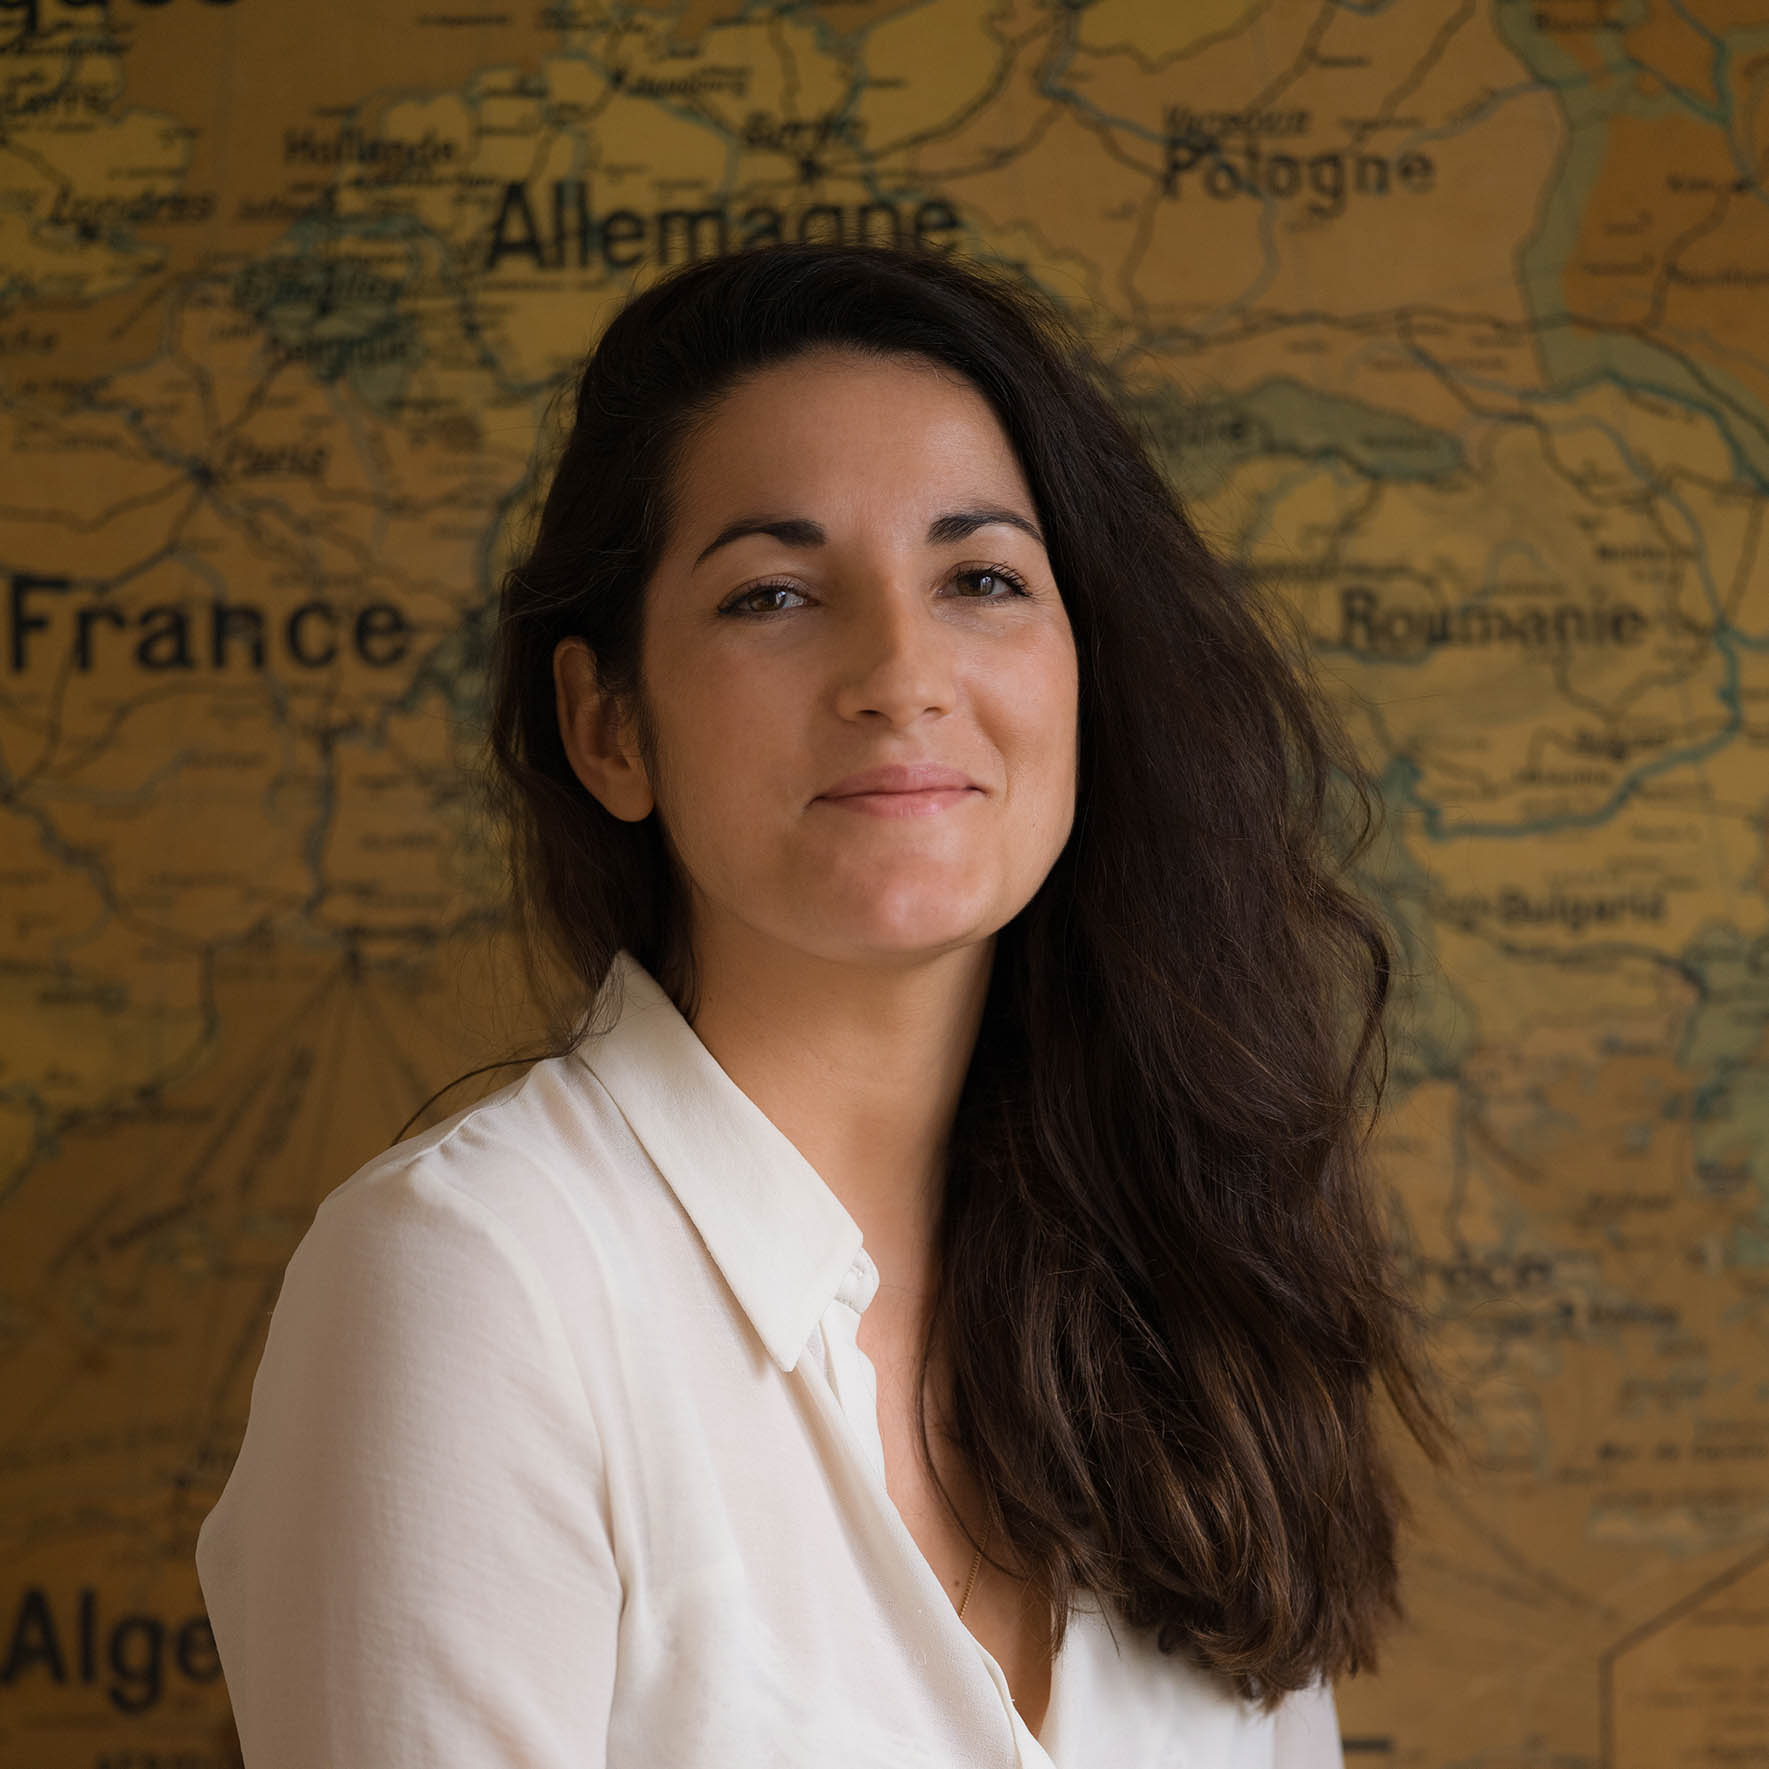 Marie Froideval - Architecte intérieur Paris - fondatrice de Studio Mariekke, agence de décoration et architecture d'intérieur.